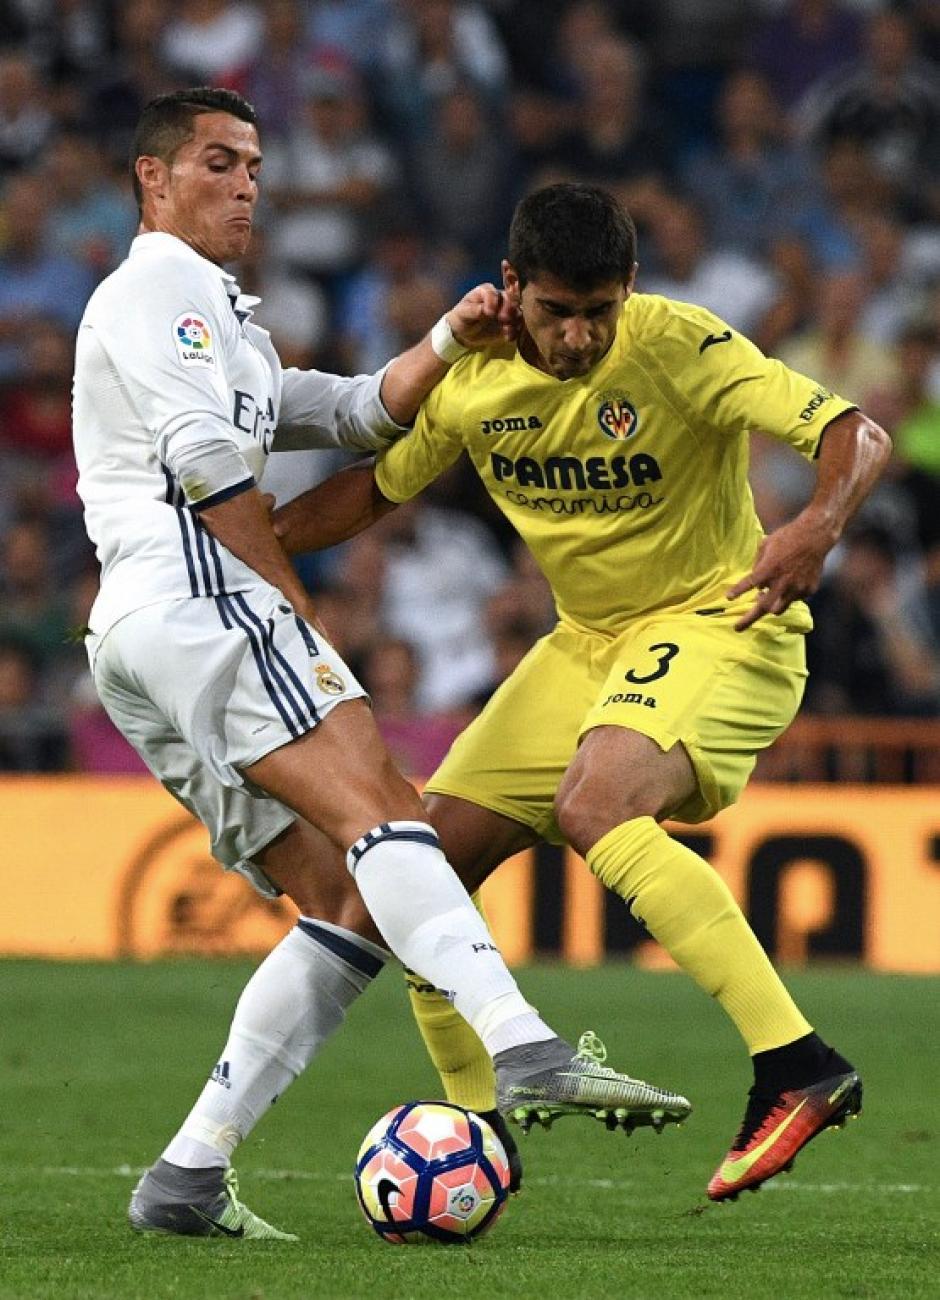 La prensa madrileña asegura que todavía teme por su rodilla (Foto: AFP)